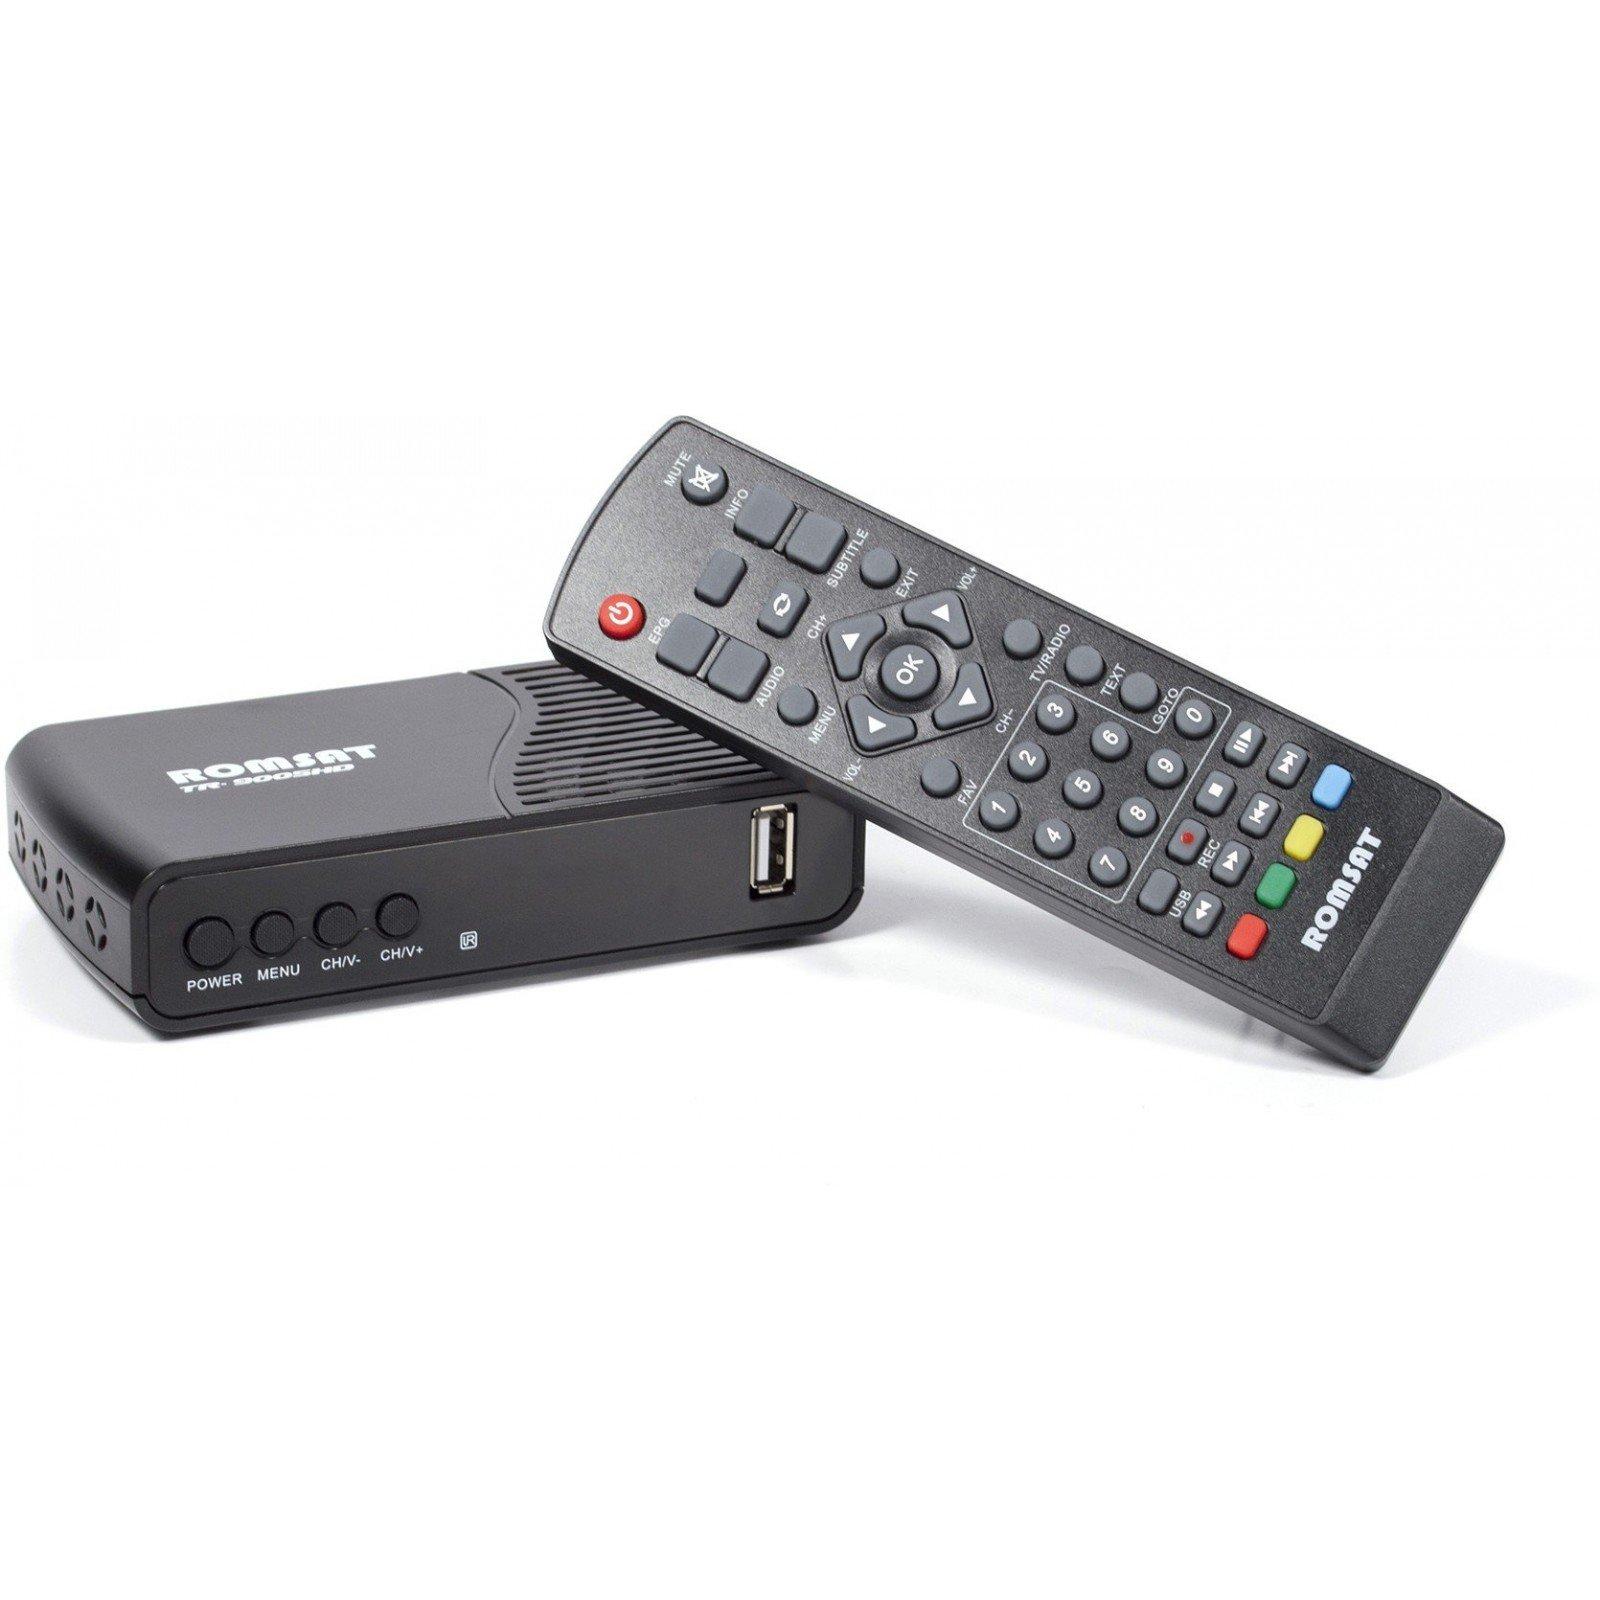 ТВ тюнер Romsat TR-9005HD, chip set MSD7T01 (TR-9005HD) зображення 3